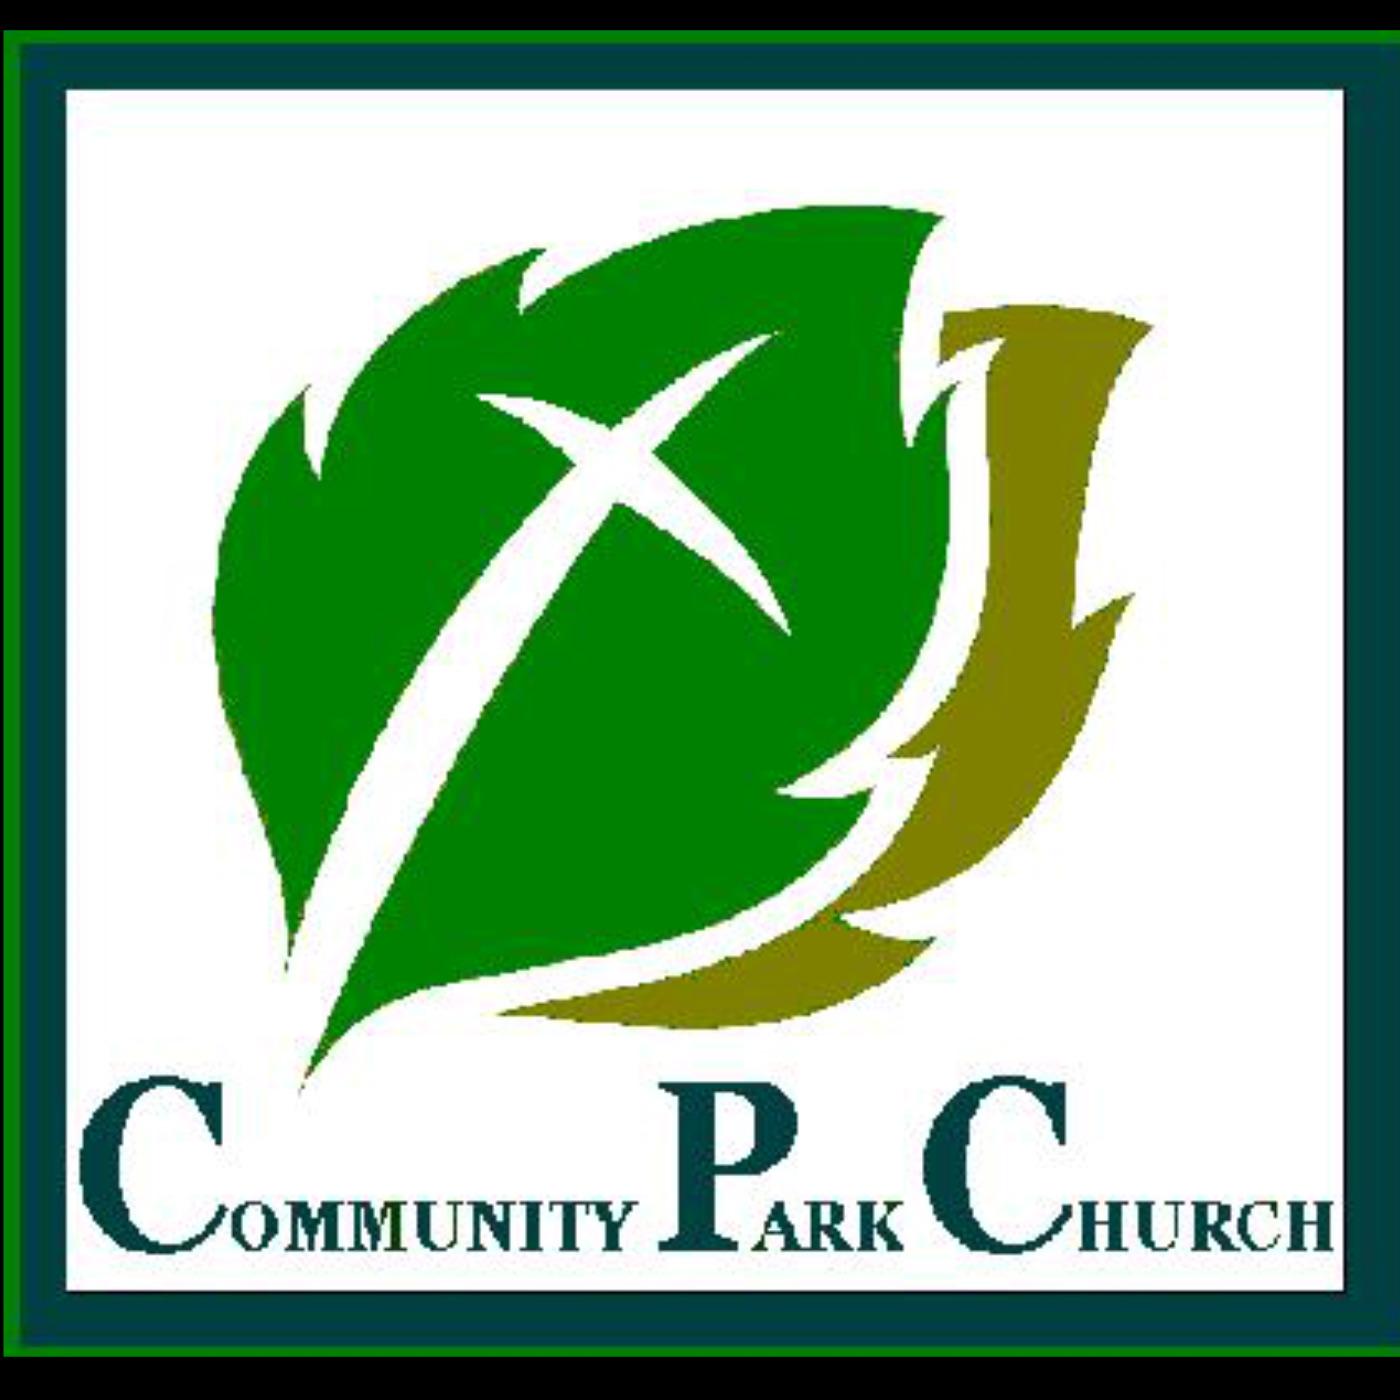 Community Park Church, AR Sermons